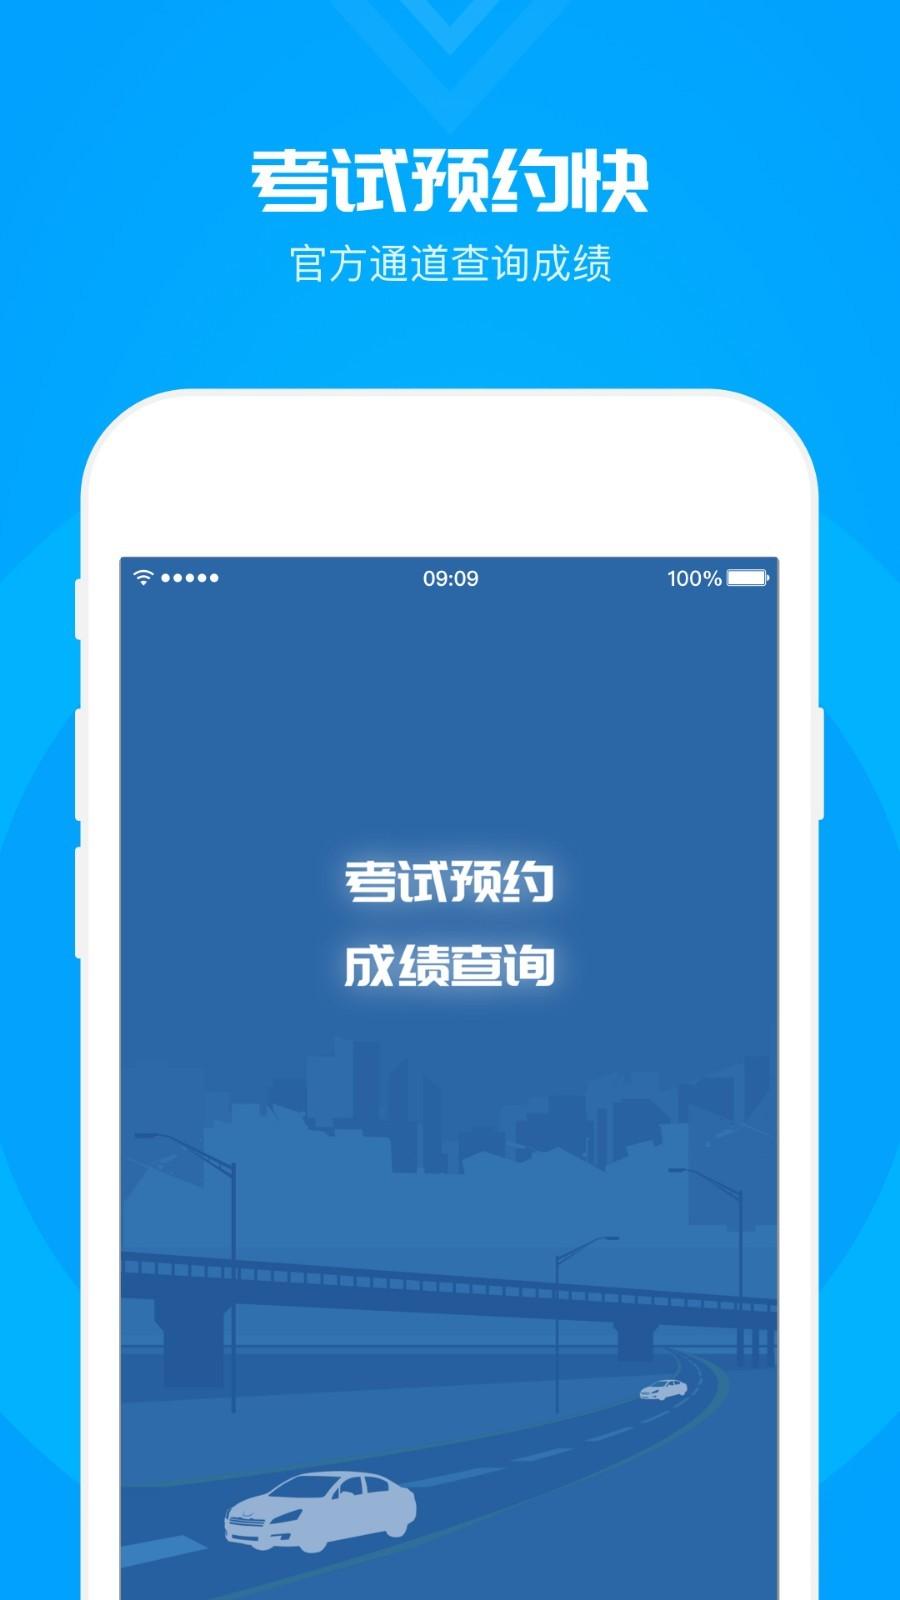 元贝驾考宝典科目一app下载